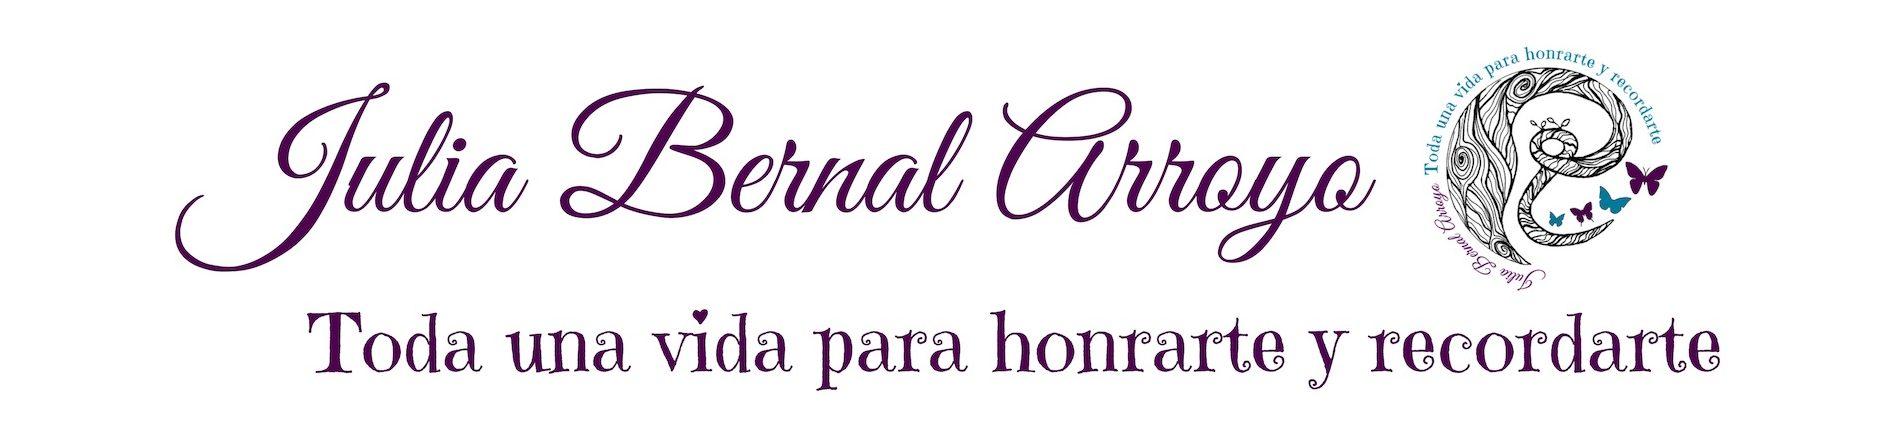 Julia Bernal Arroyo - Toda una vida para honrarte y recordarte